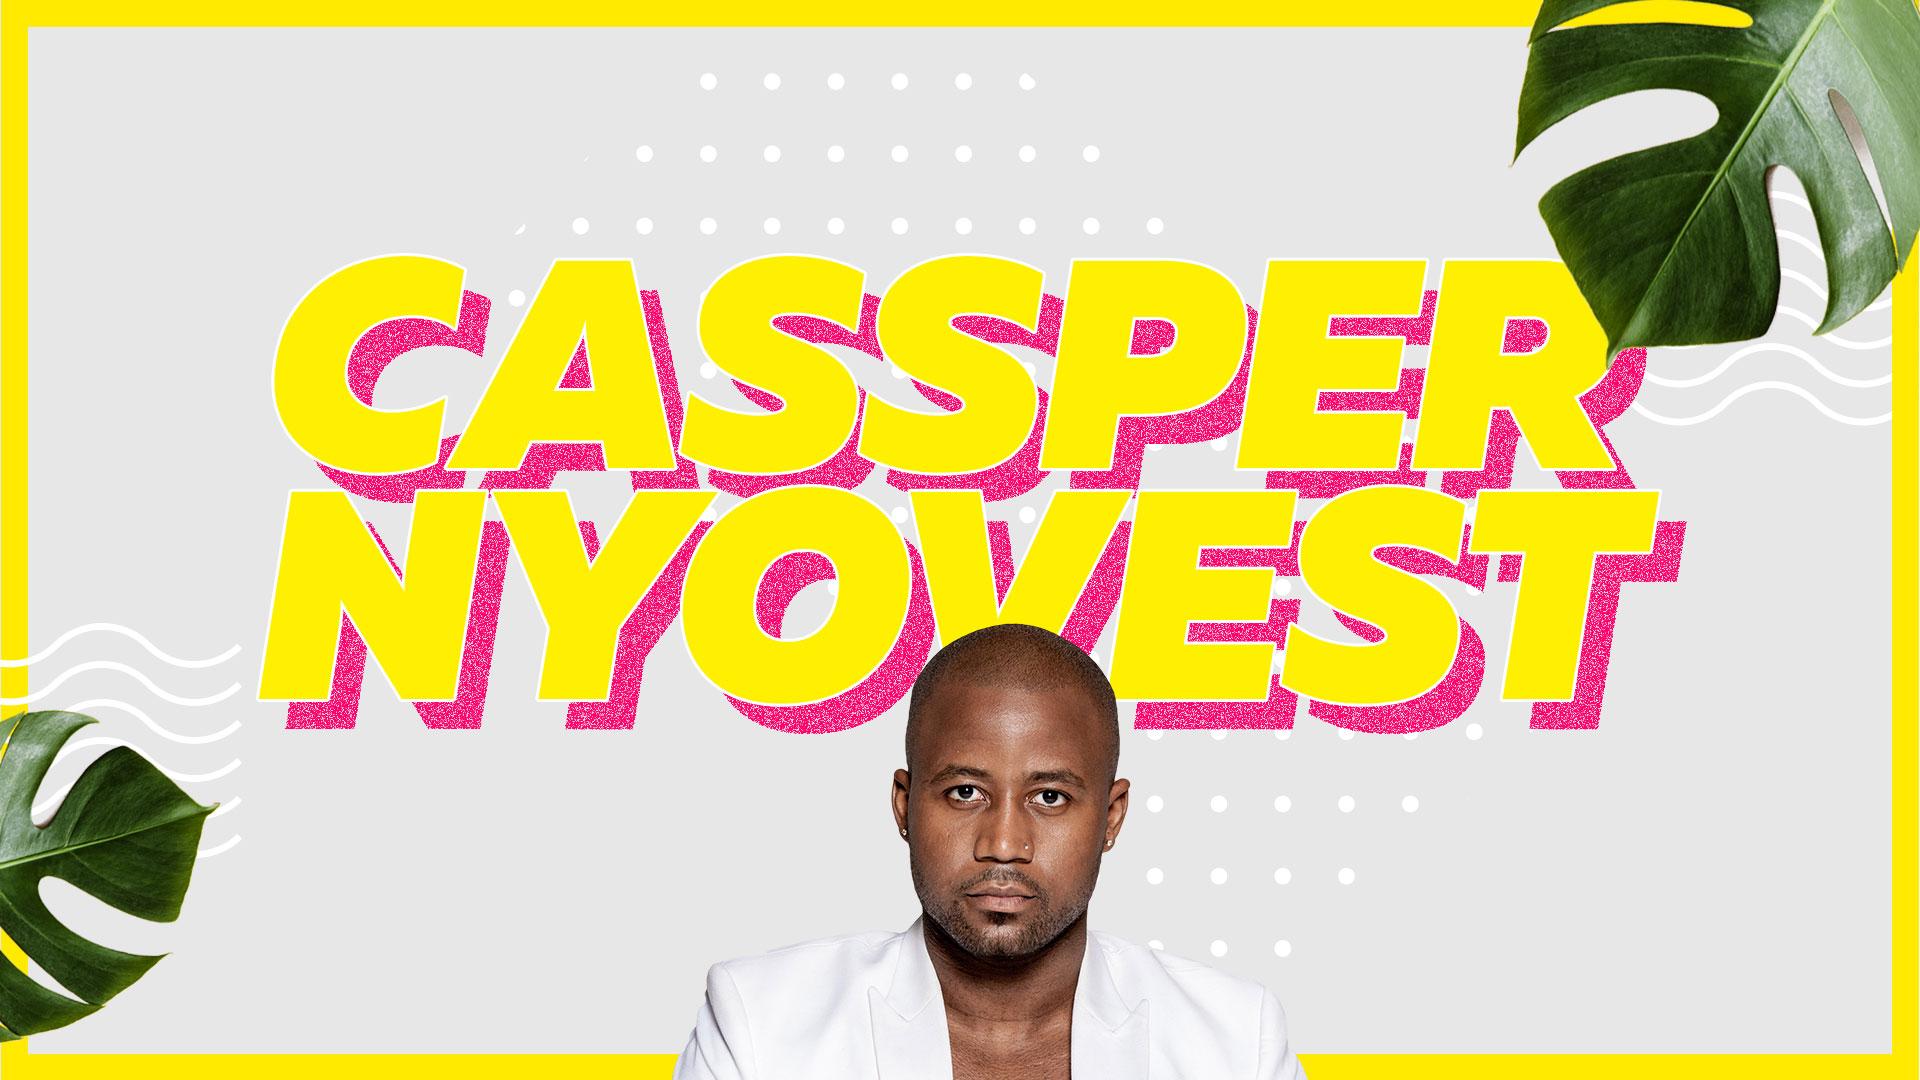 CASPPER_1